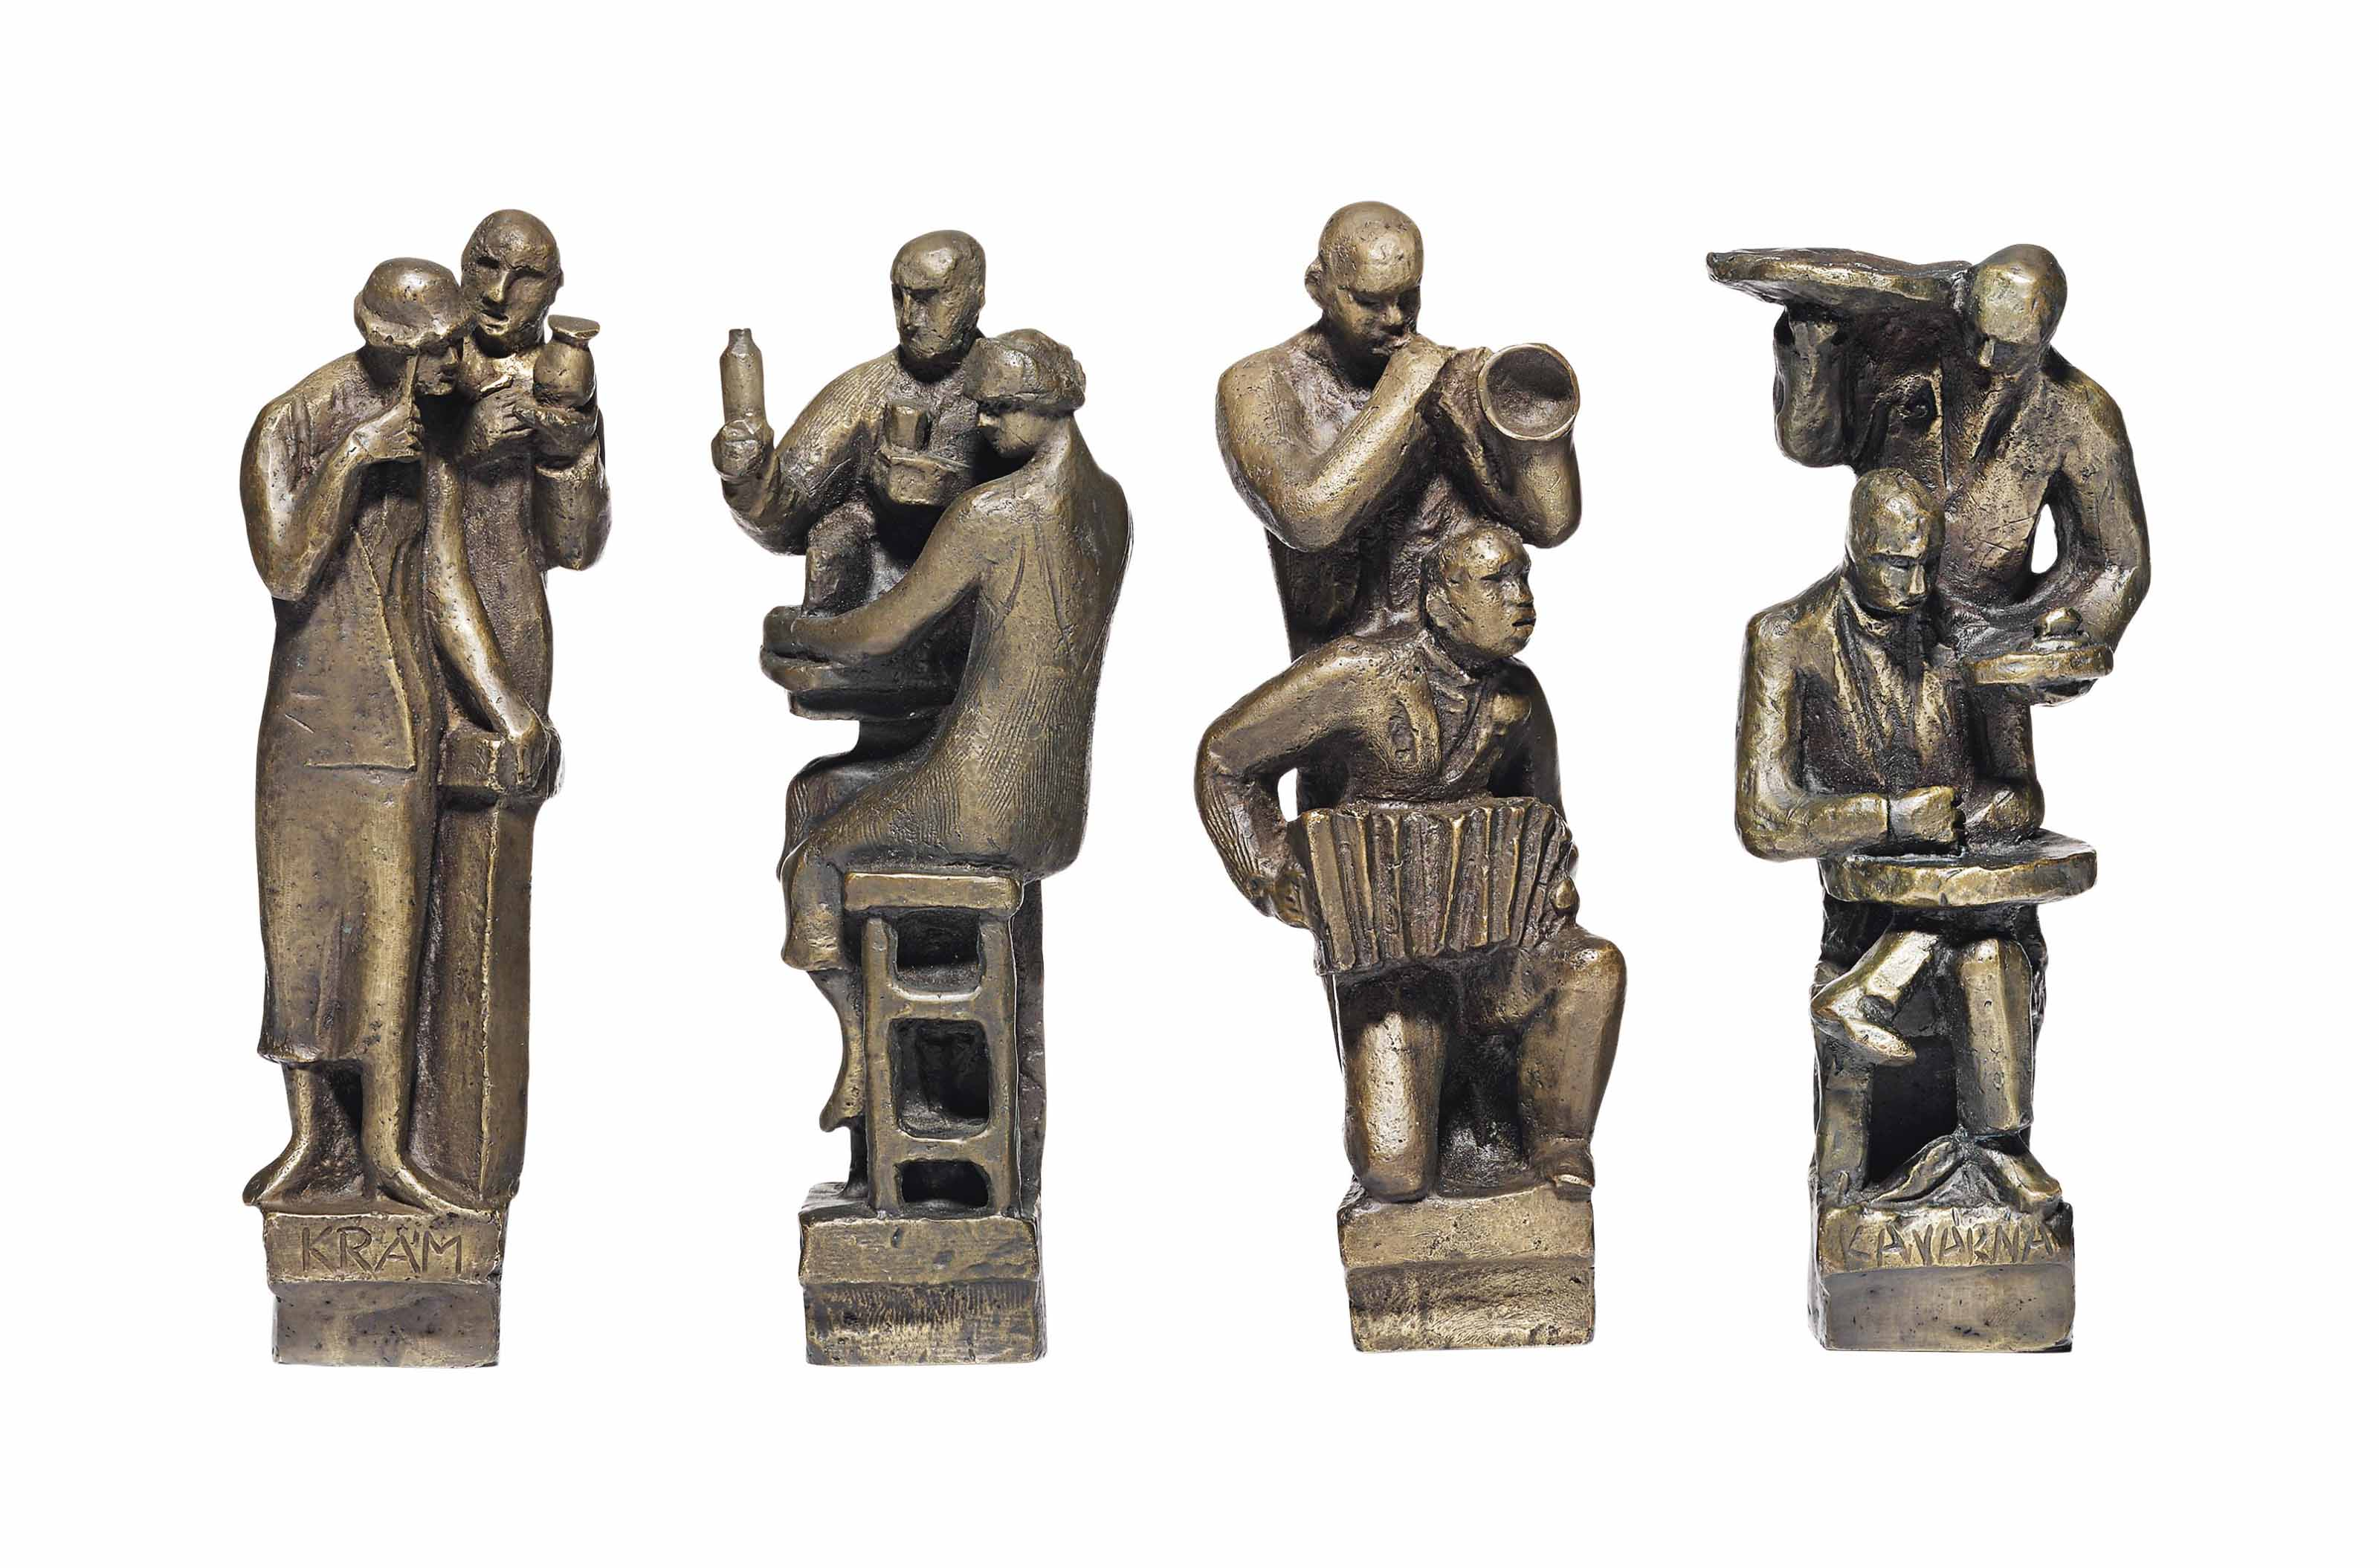 Moderní Zivot - Kavárna I, Kavárna II, Jazz II, Krám